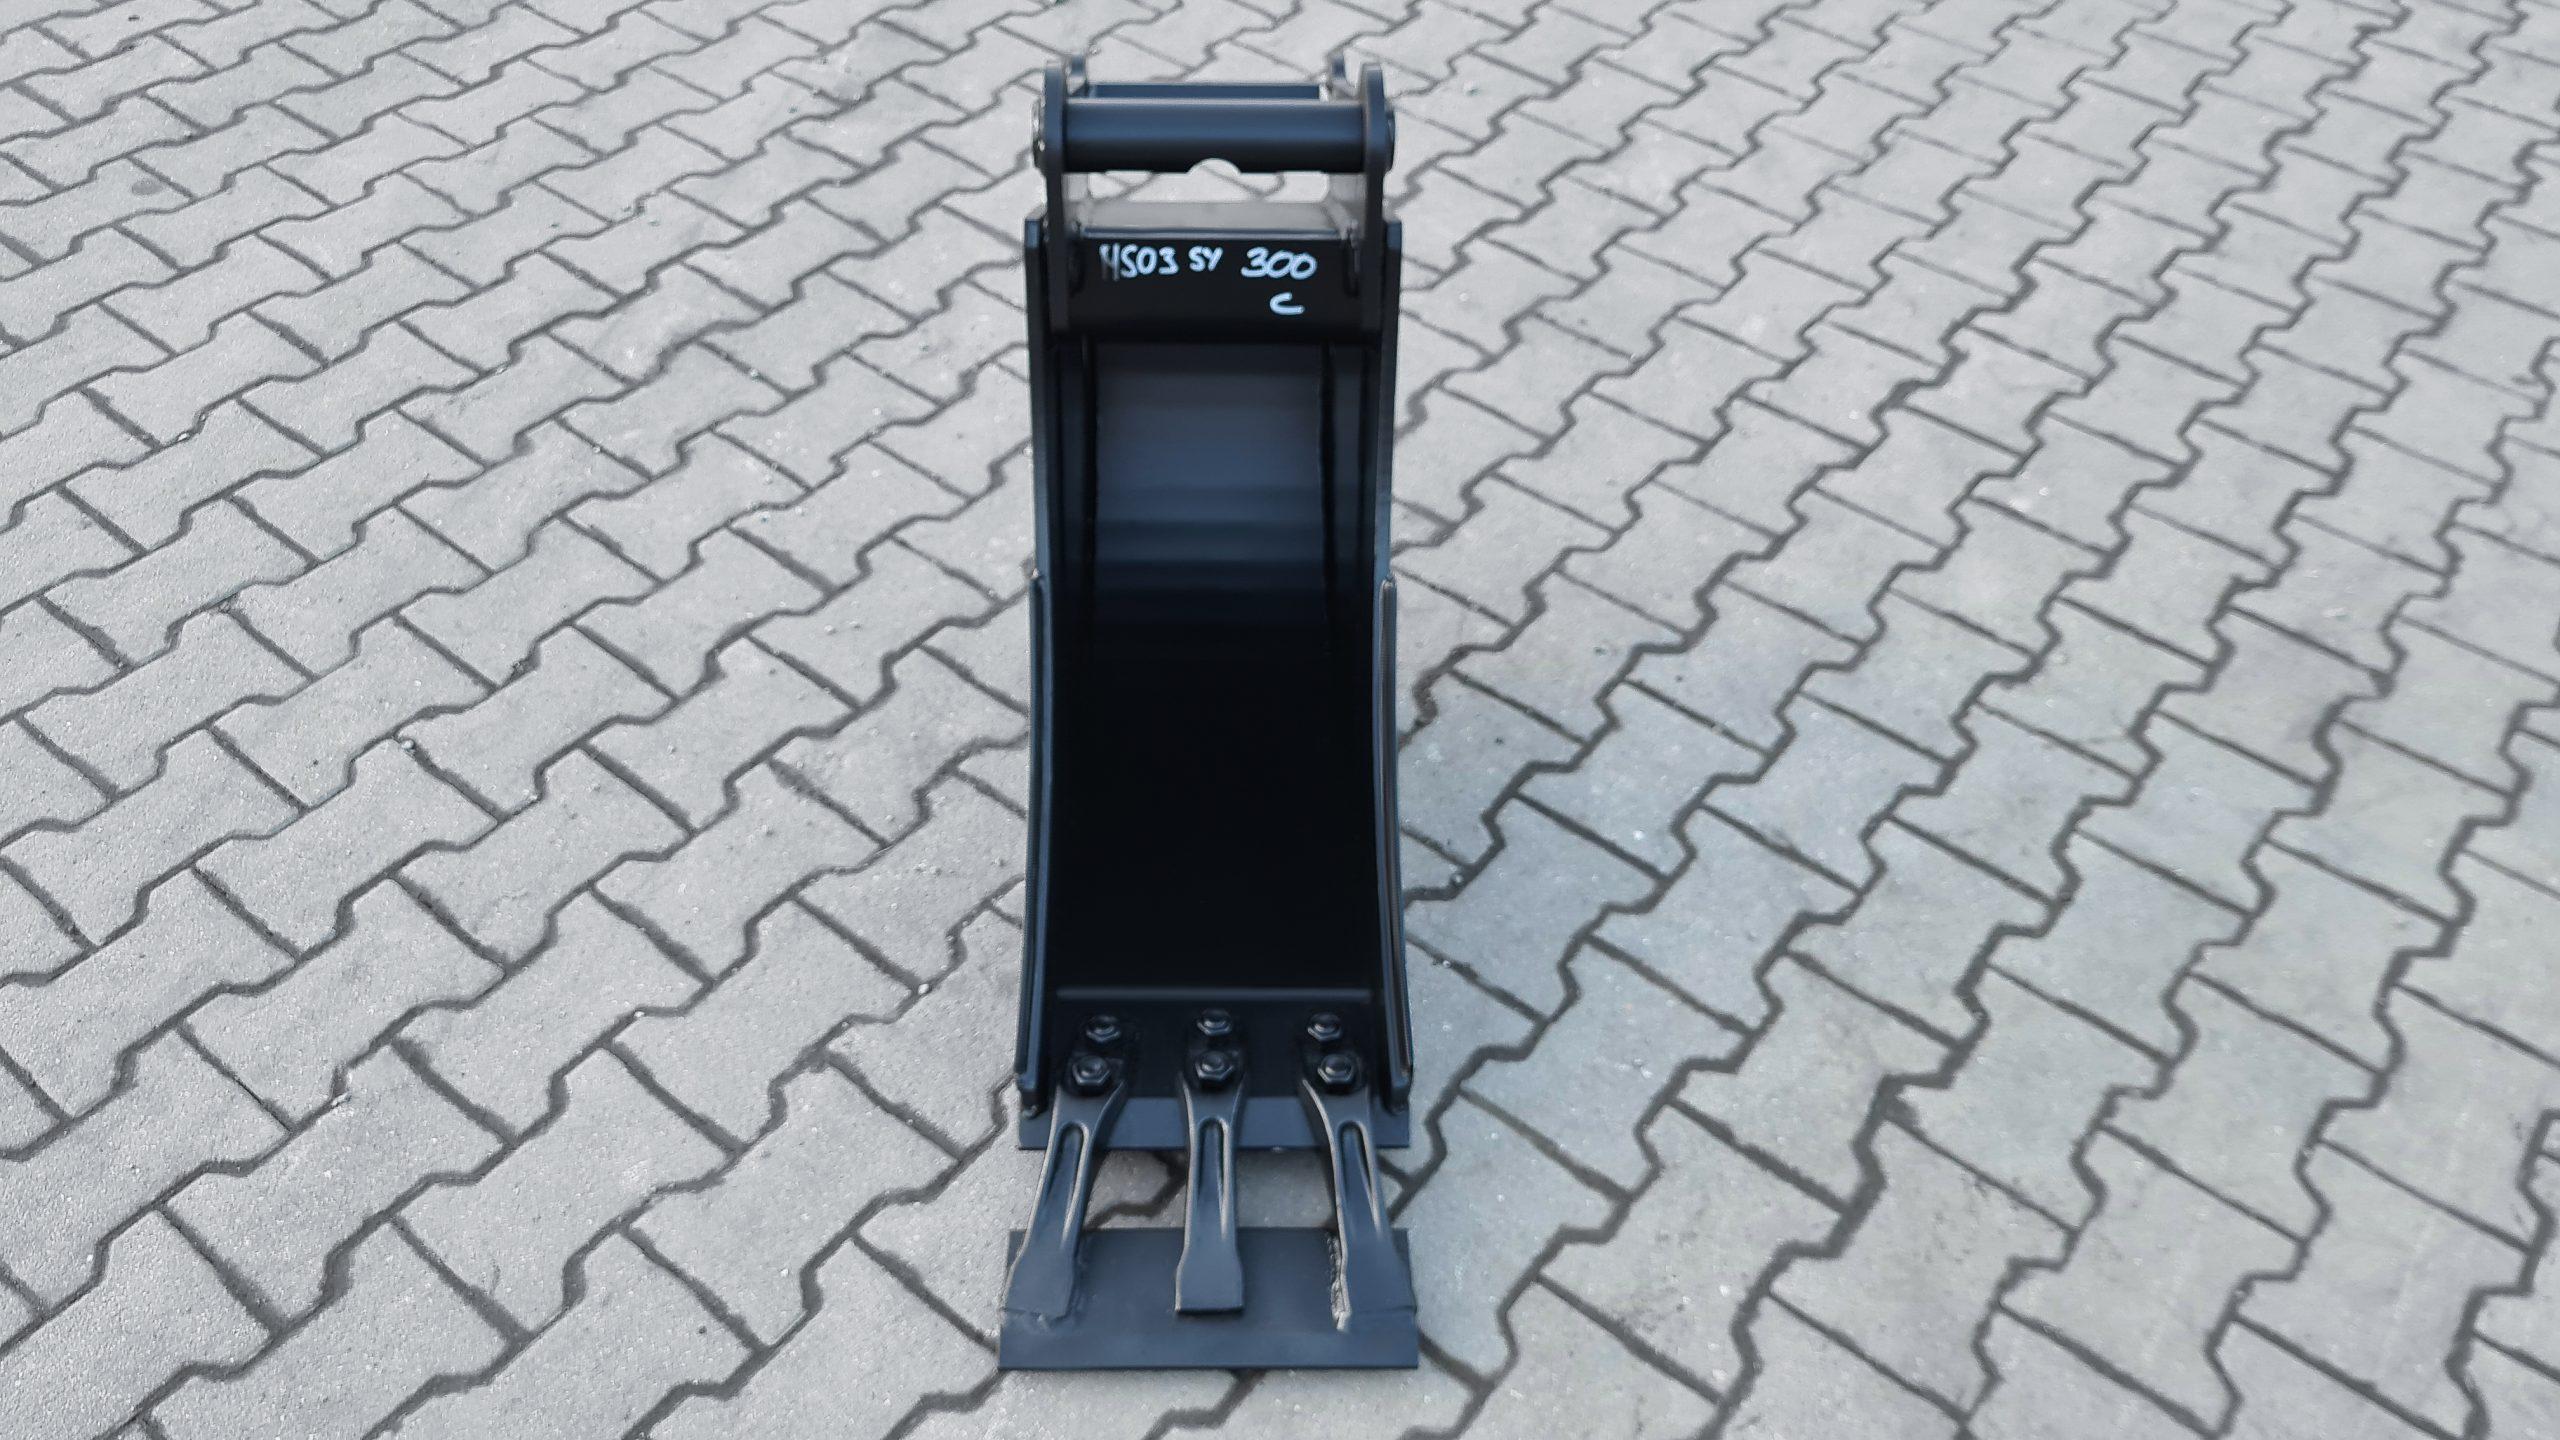 Tieflöffel mit Aufsteckmesser passend für Lehnhoff MS03 SY 300 mm C EH